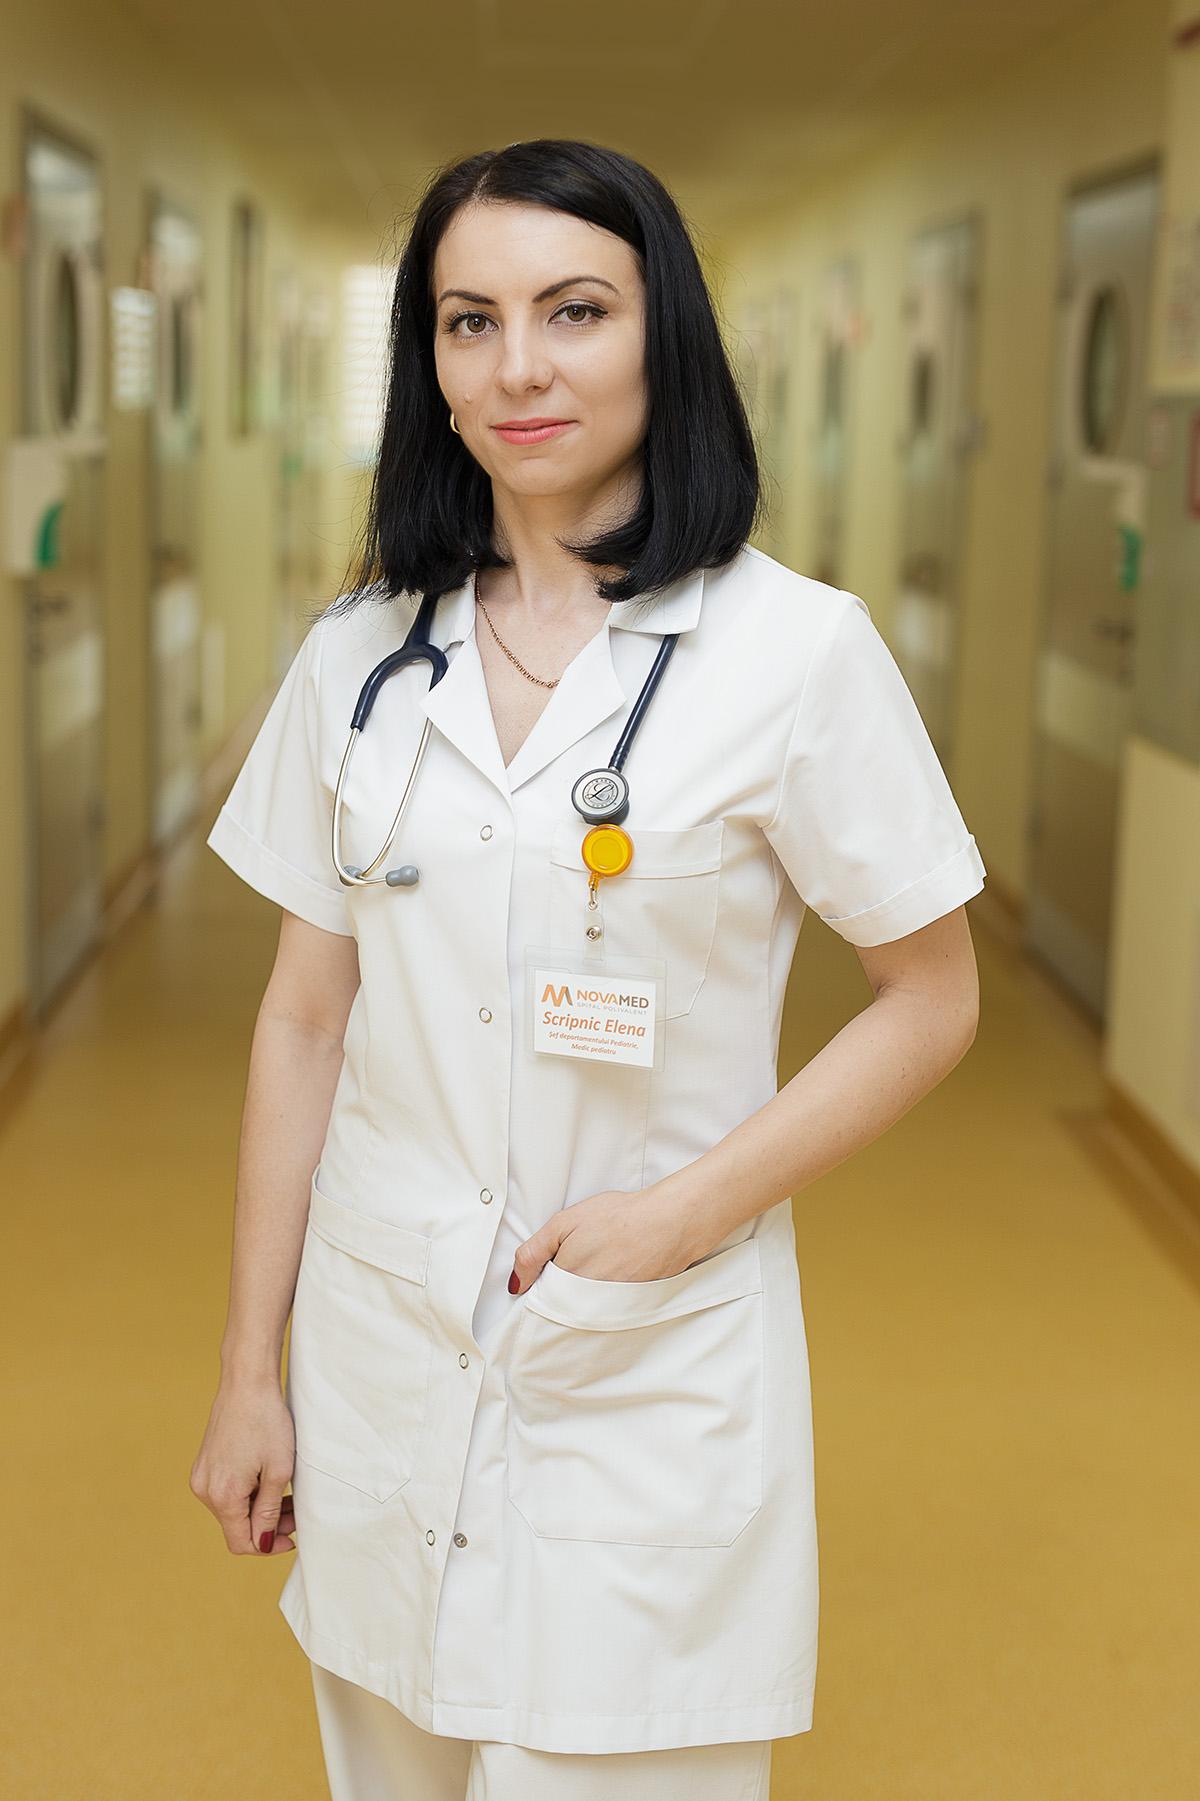 Elena Scripnic